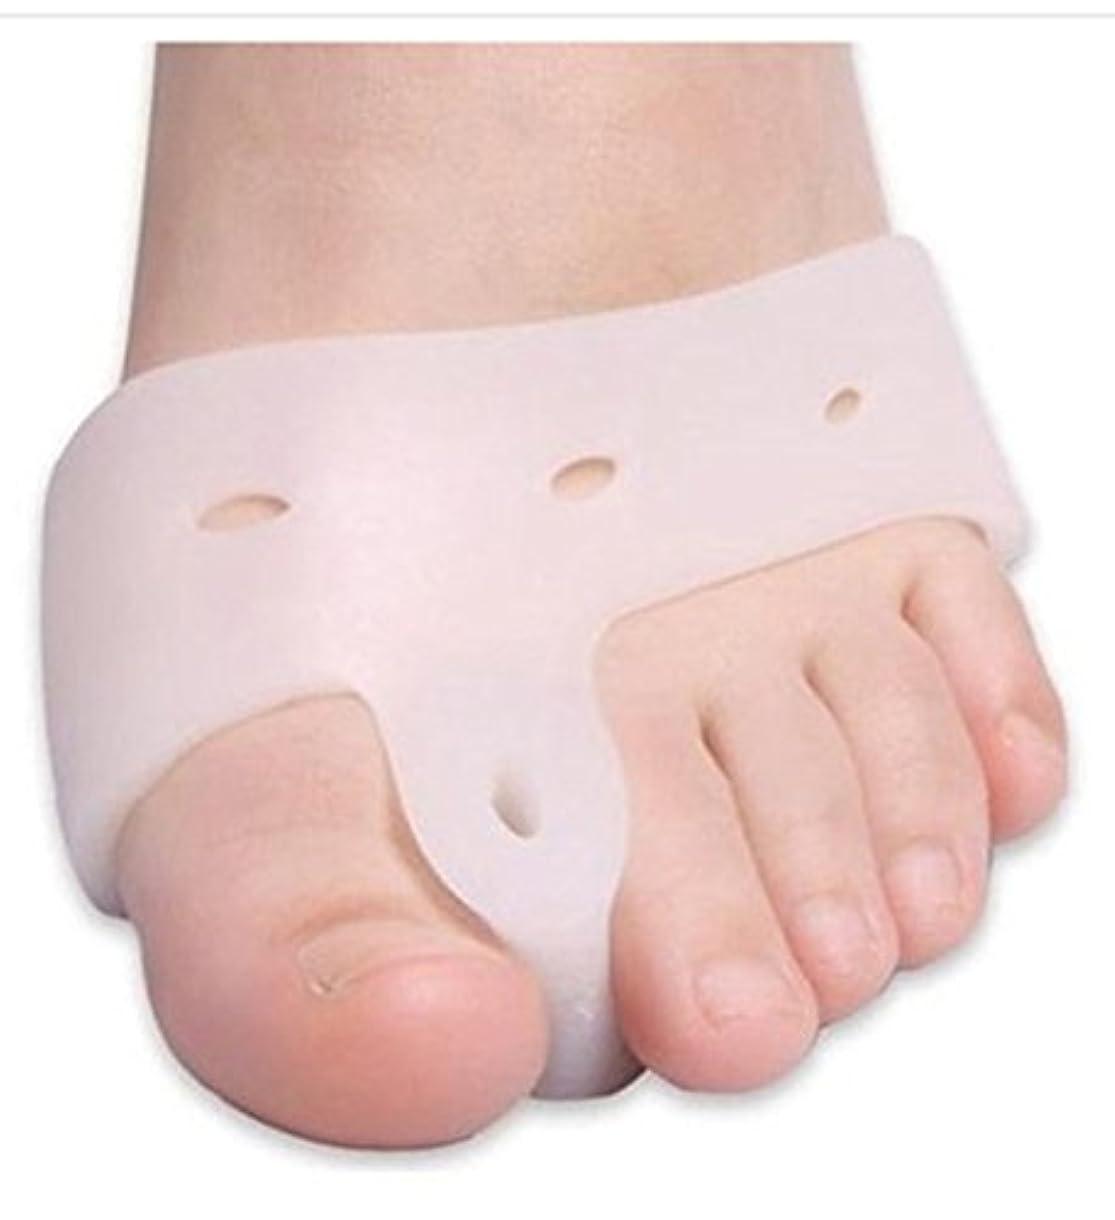 人形選挙従事したWorld Star® Original Deluxe Bunion Pad & Toe Spacer - 2 Pieces - Soft Gel Toe Separators for Active People - Pain...